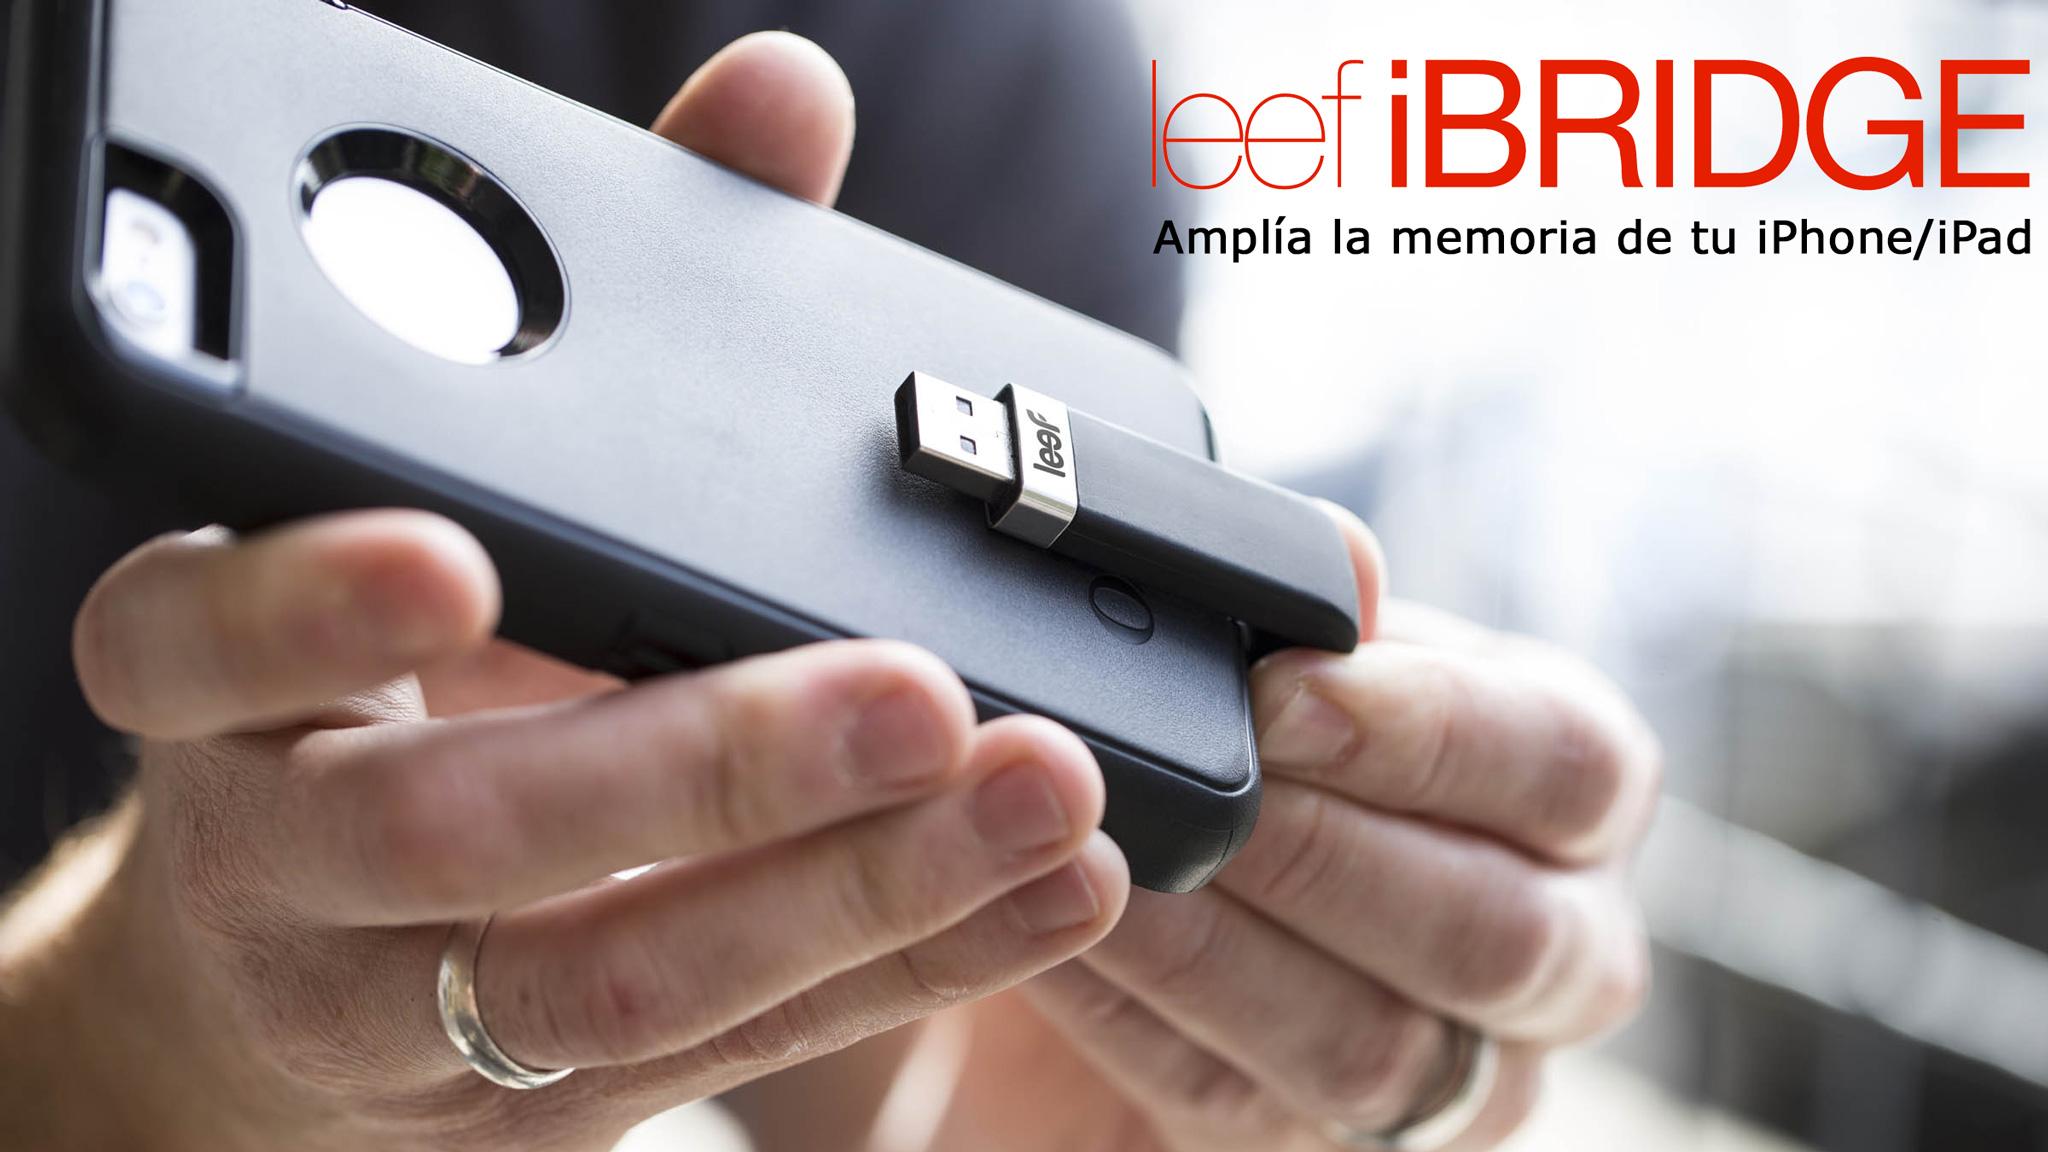 Amplía la memoria de tu iPhone/iPad con Leef iBridge